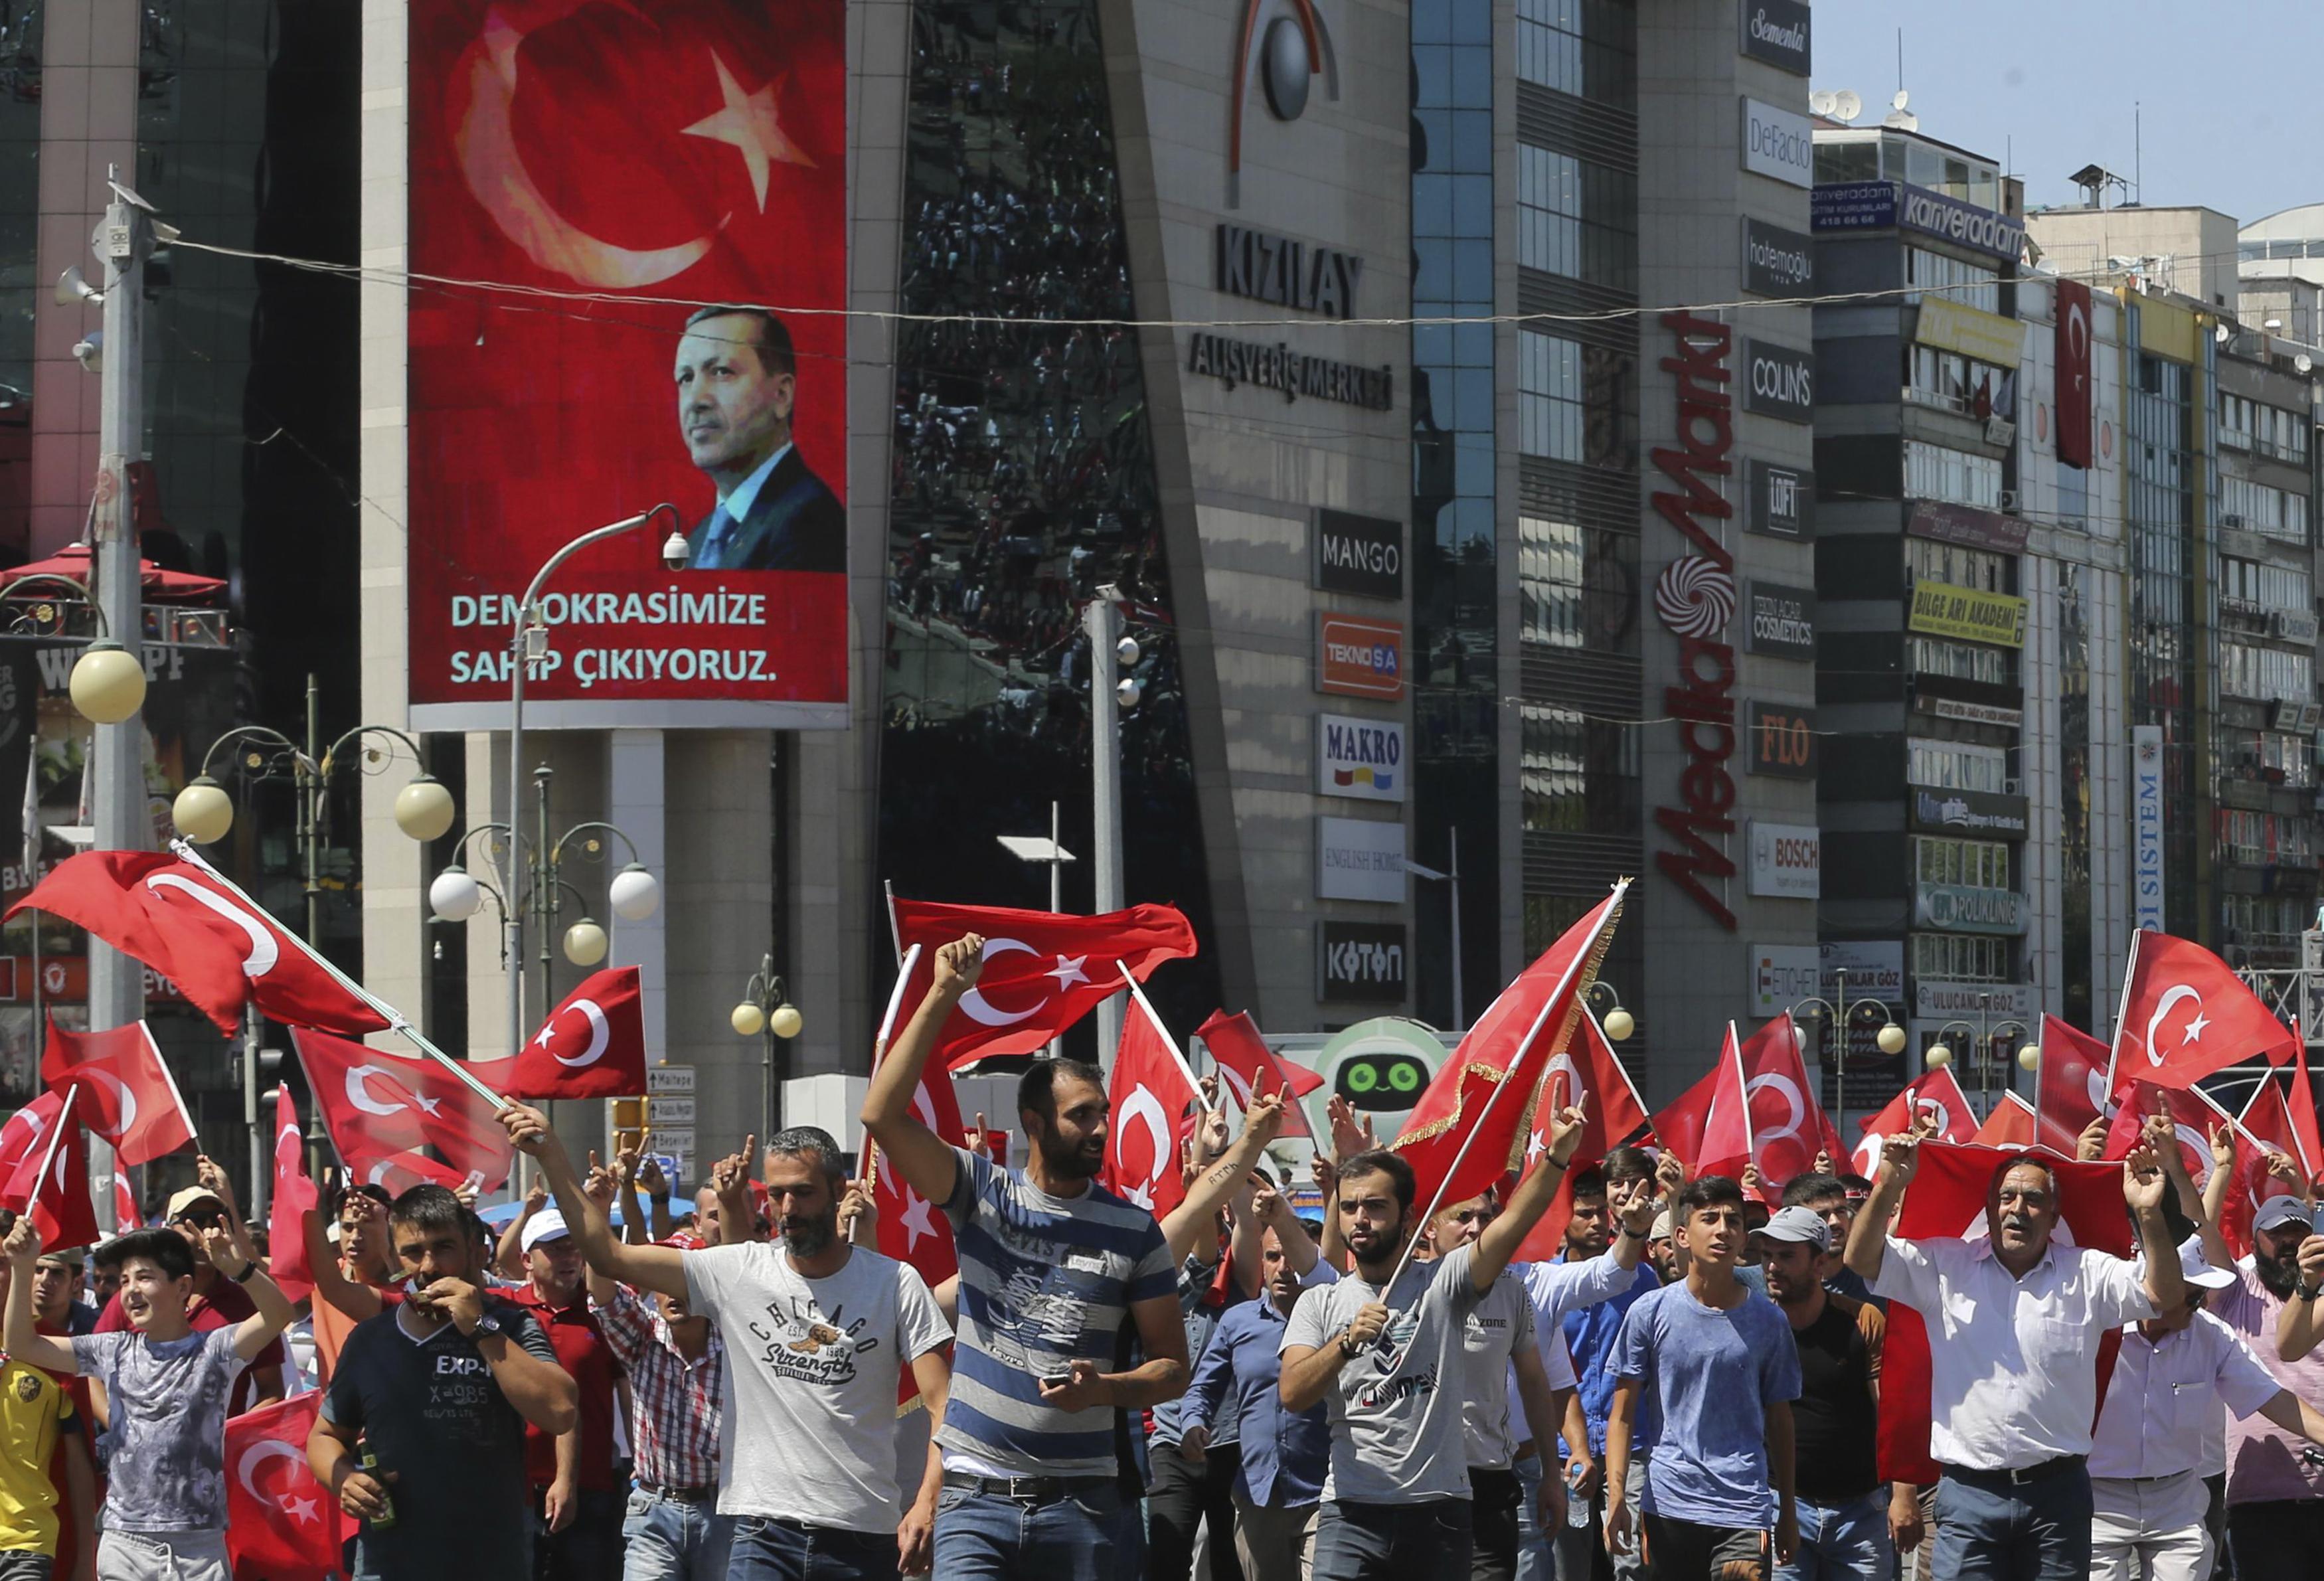 أتراك يحملون أعلام بلادهم خلال مسيرة في أنقرة تأييدا لأردوغان